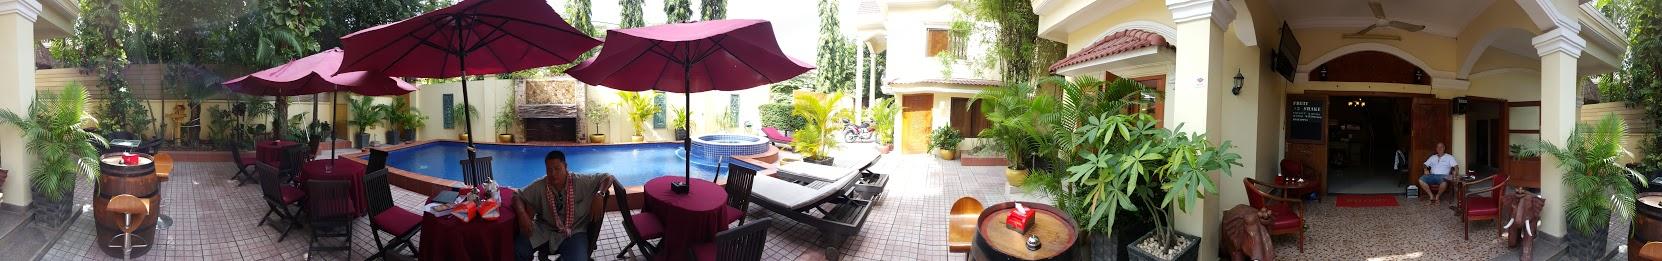 Villa Grange Hotel Phnom Penh